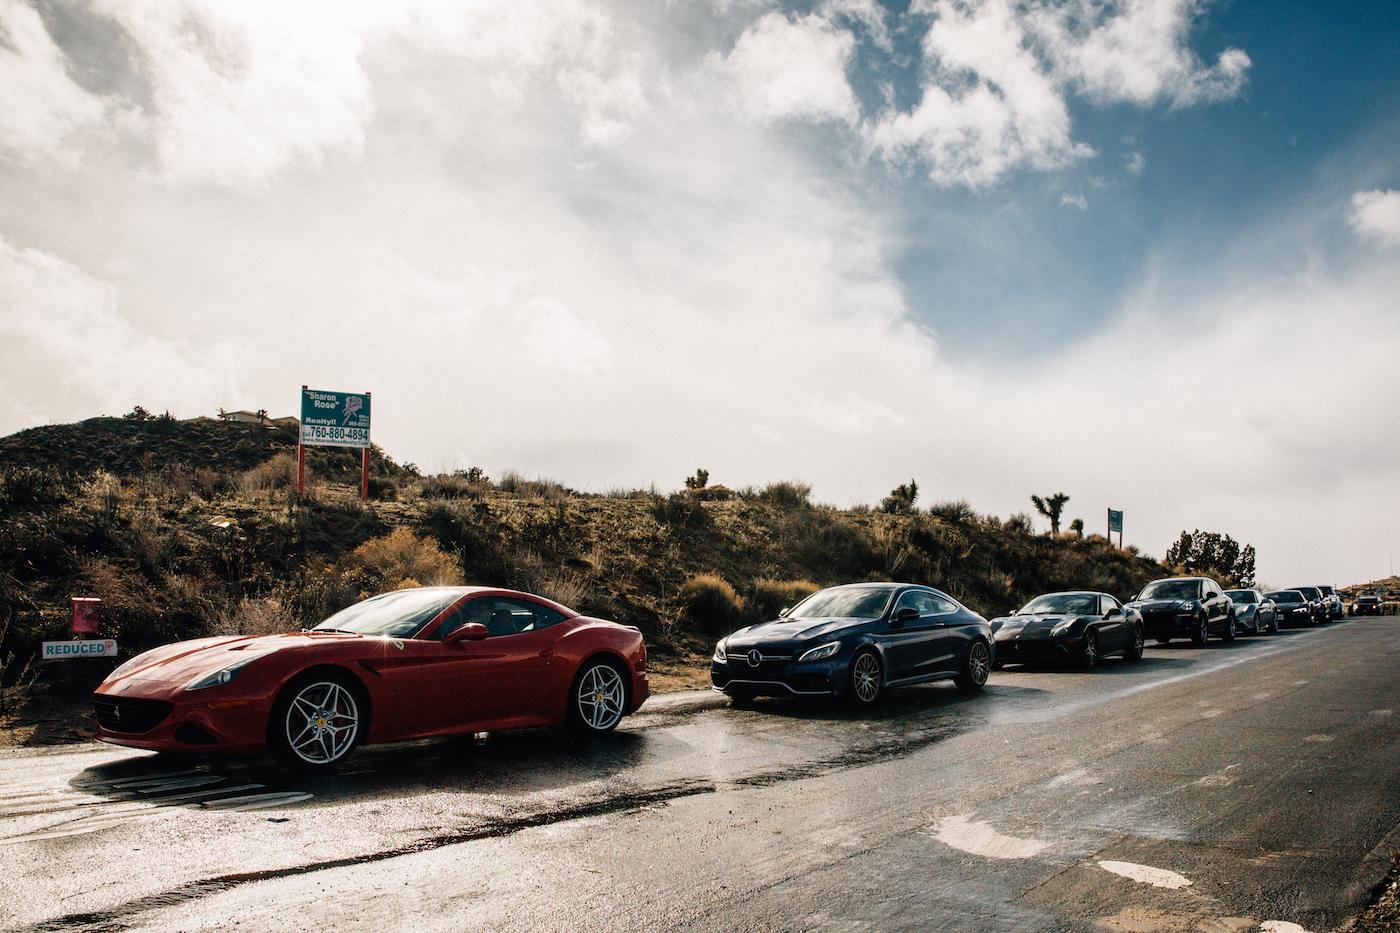 Qualmende Reifen in der kalifornischen Wüste: <br>Der Michelin Pilot Sport 4 S 2